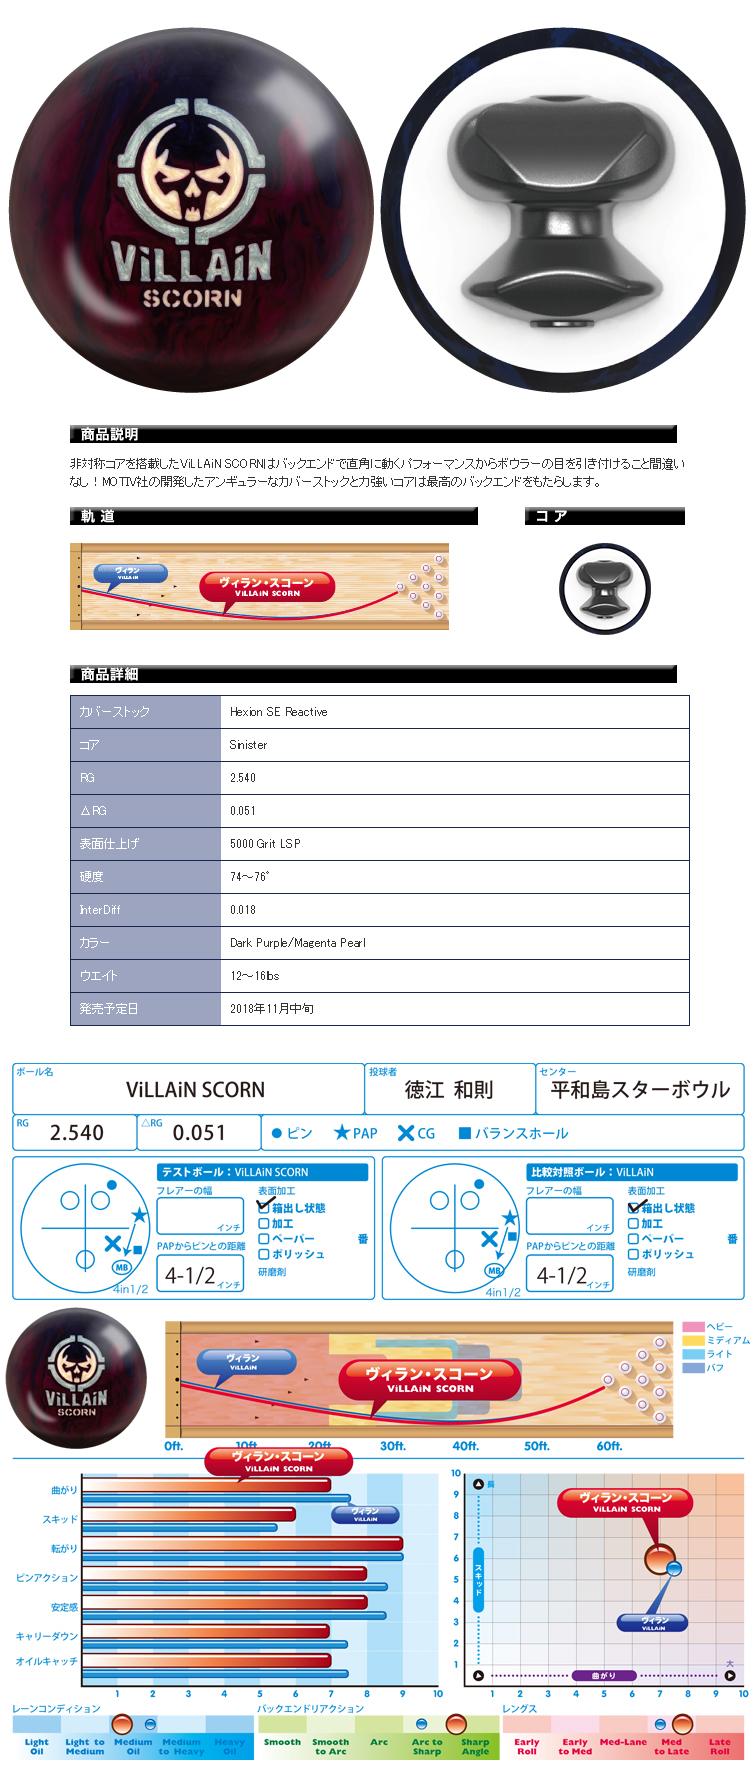 ボウリング用品 ボウリングボール モーティブ MOTIV ヴィランスコーン ViLLAiN SCORN